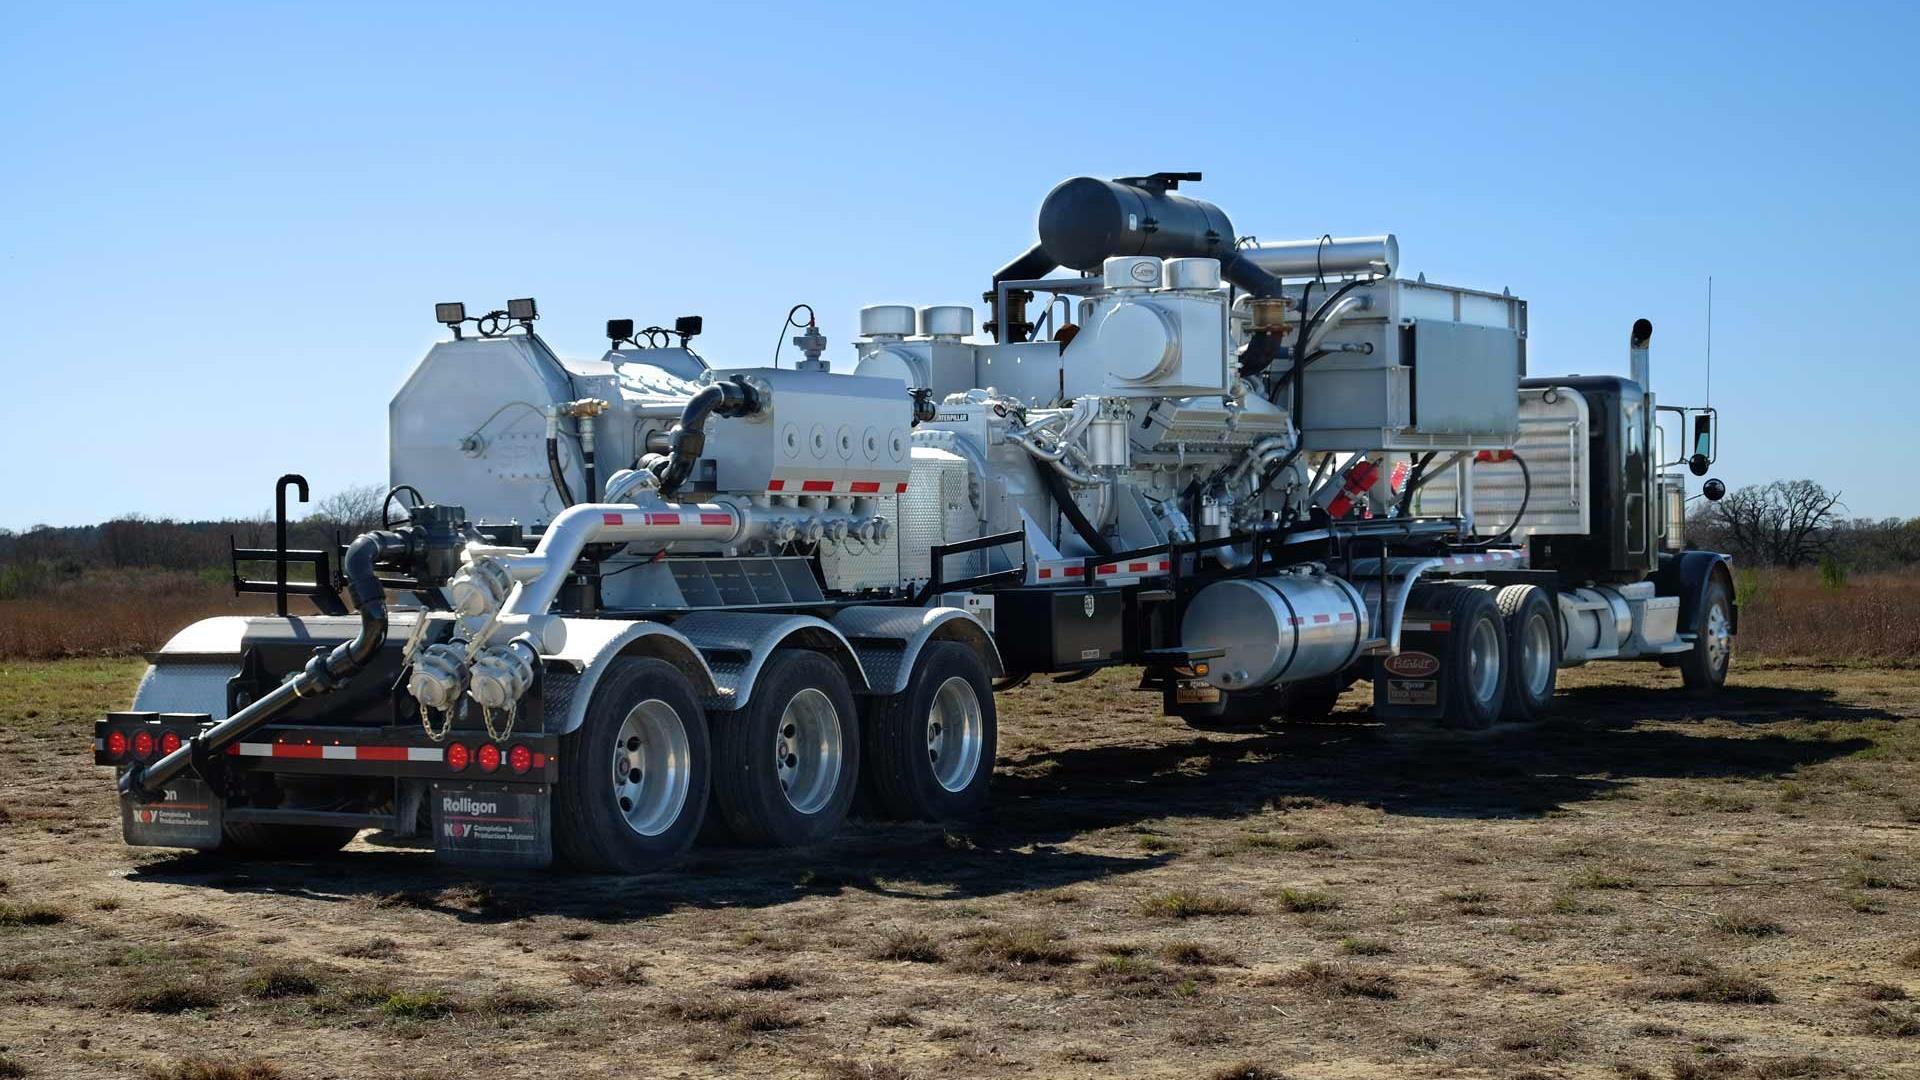 Rear/side view of Trailer-Mounted Frac pumper in field